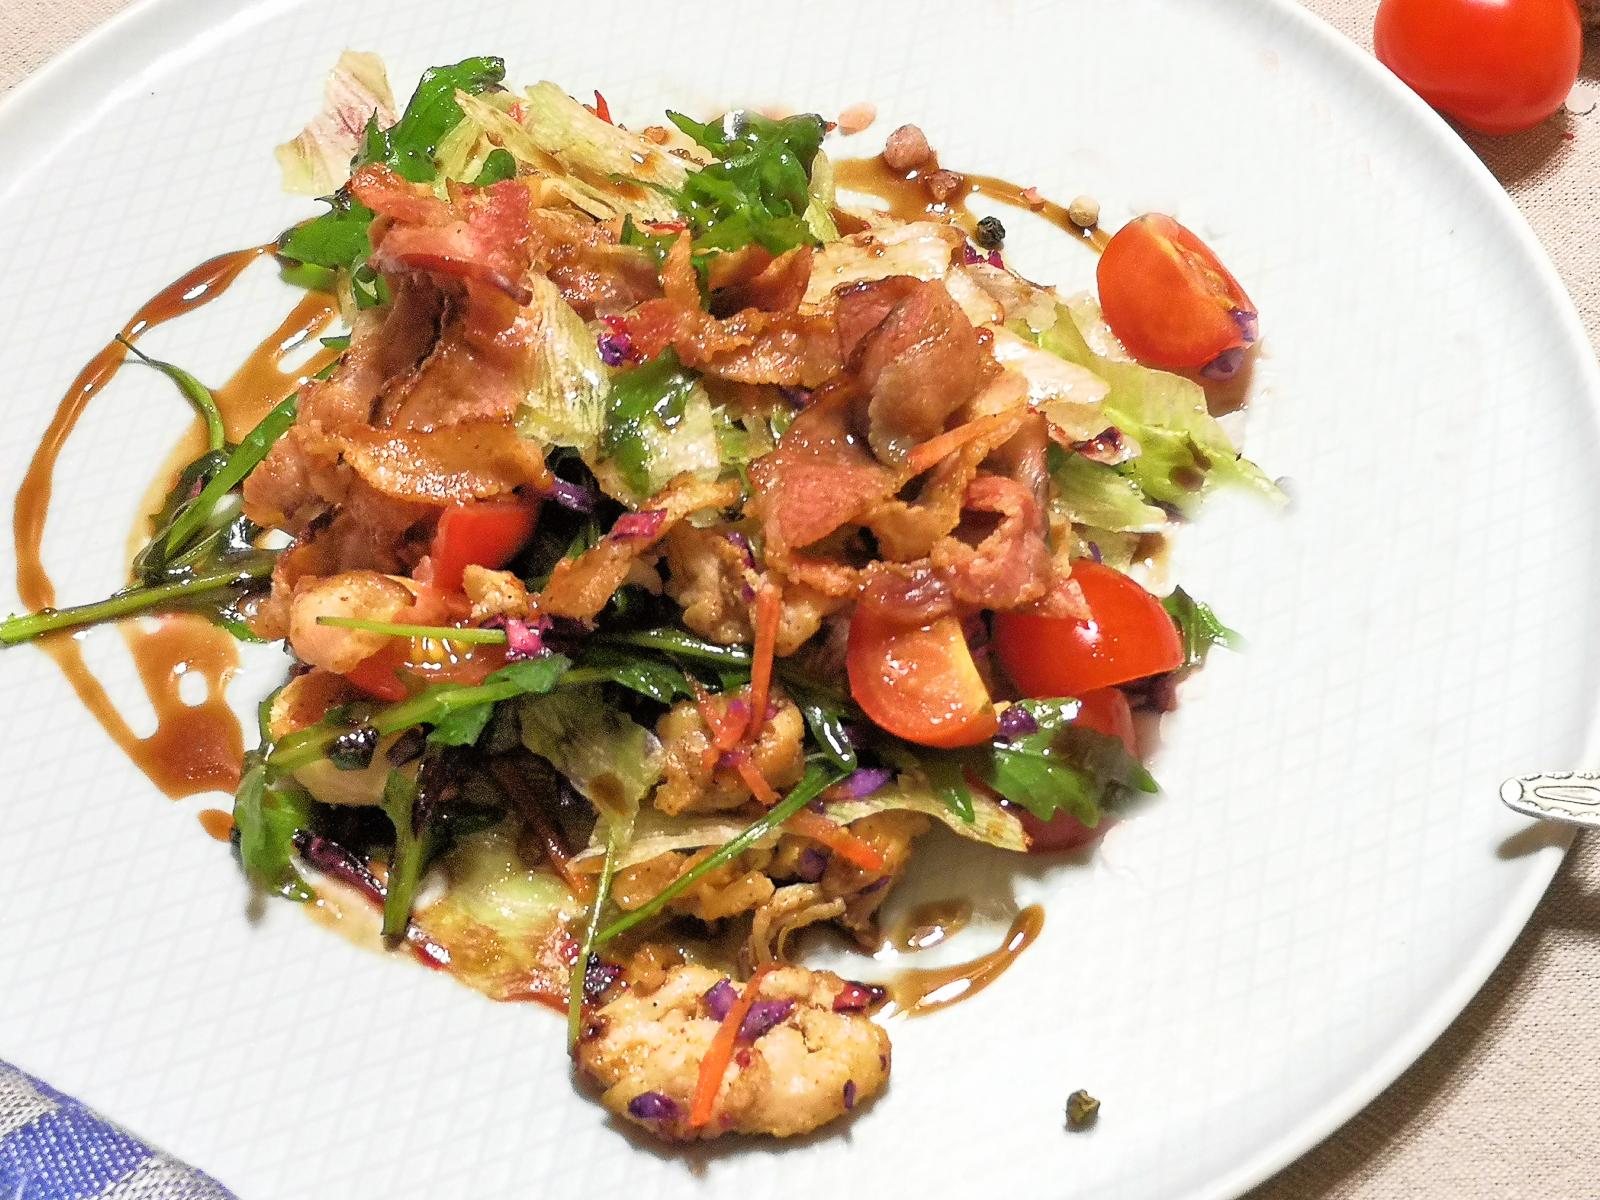 Лёгкий салат с беконом, куриным филе и гранатовым соусом